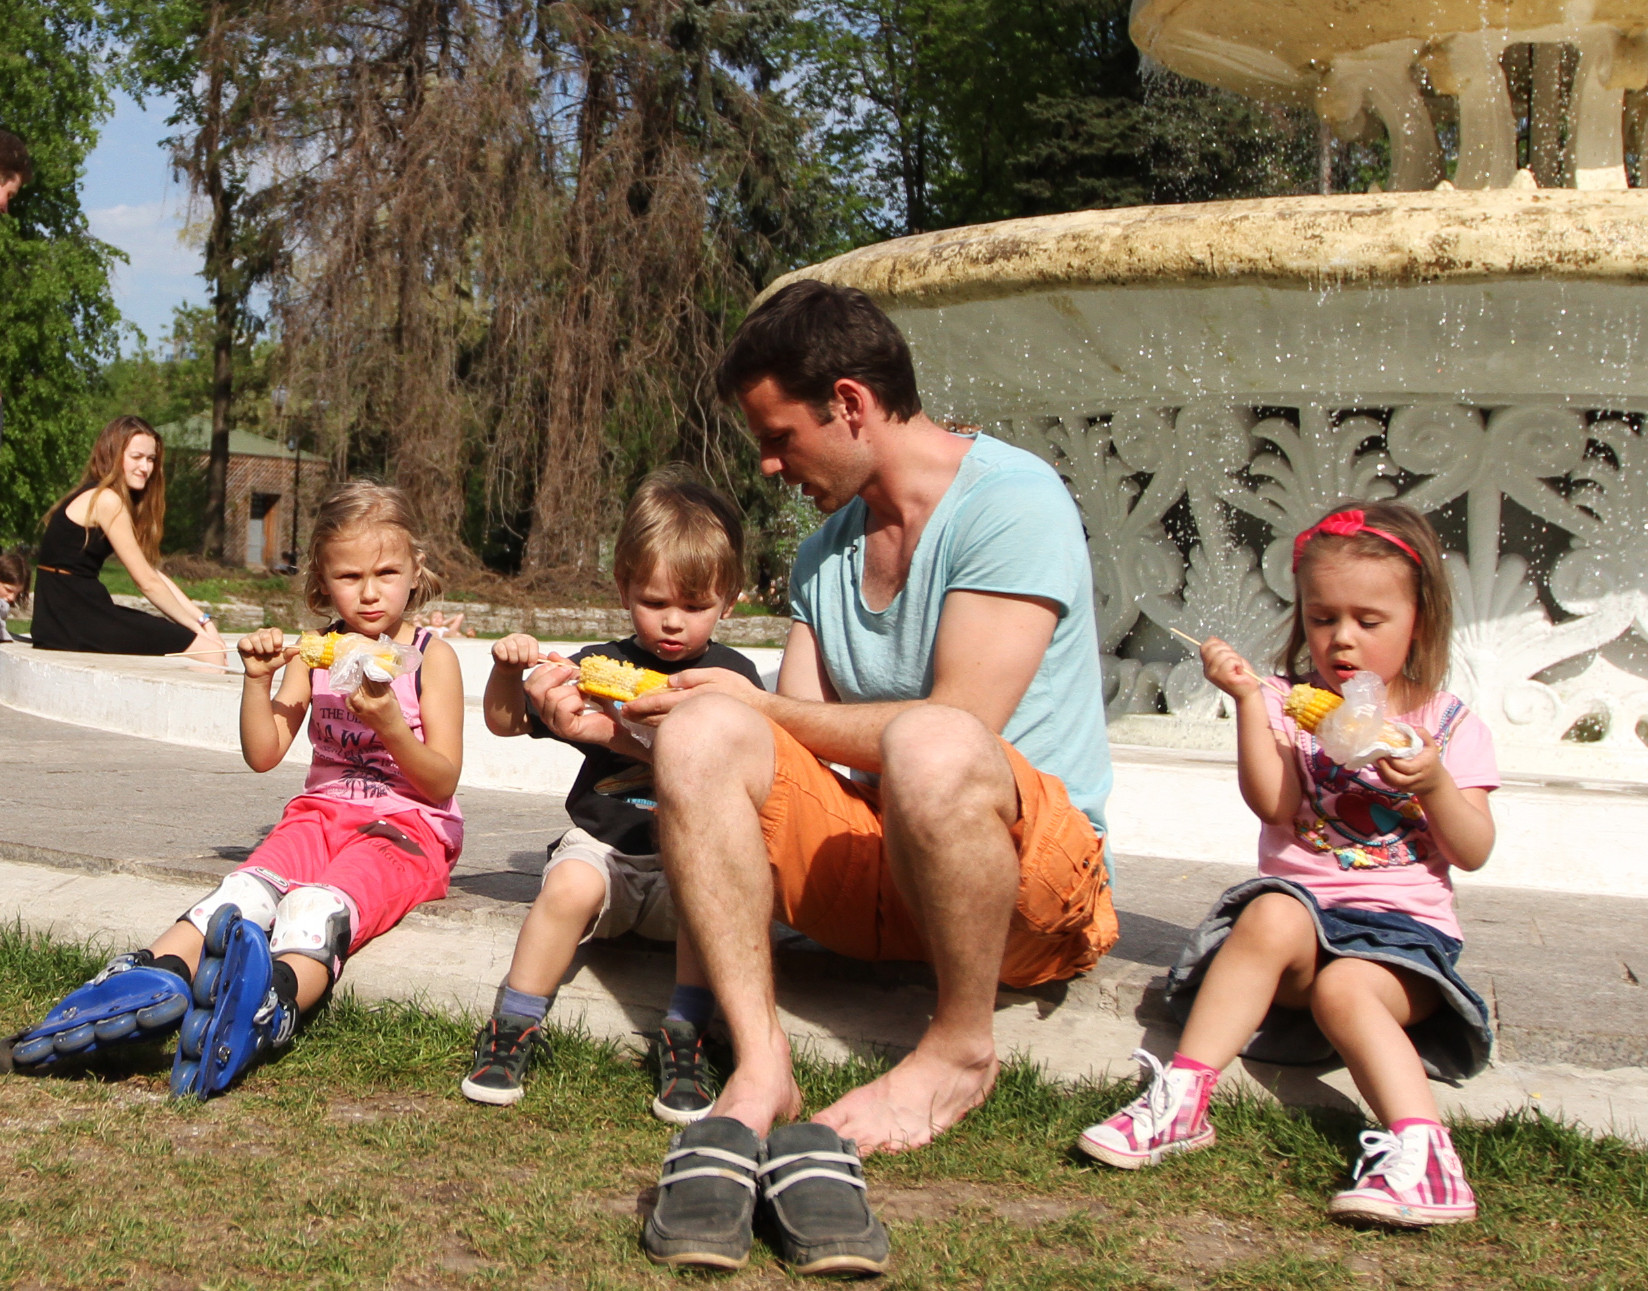 <p><span>Отец с детьми отдыхает в Парке Горького у фонтана.&nbsp;Фото: &copy; РИА Новости/Роман Балаев</span></p>